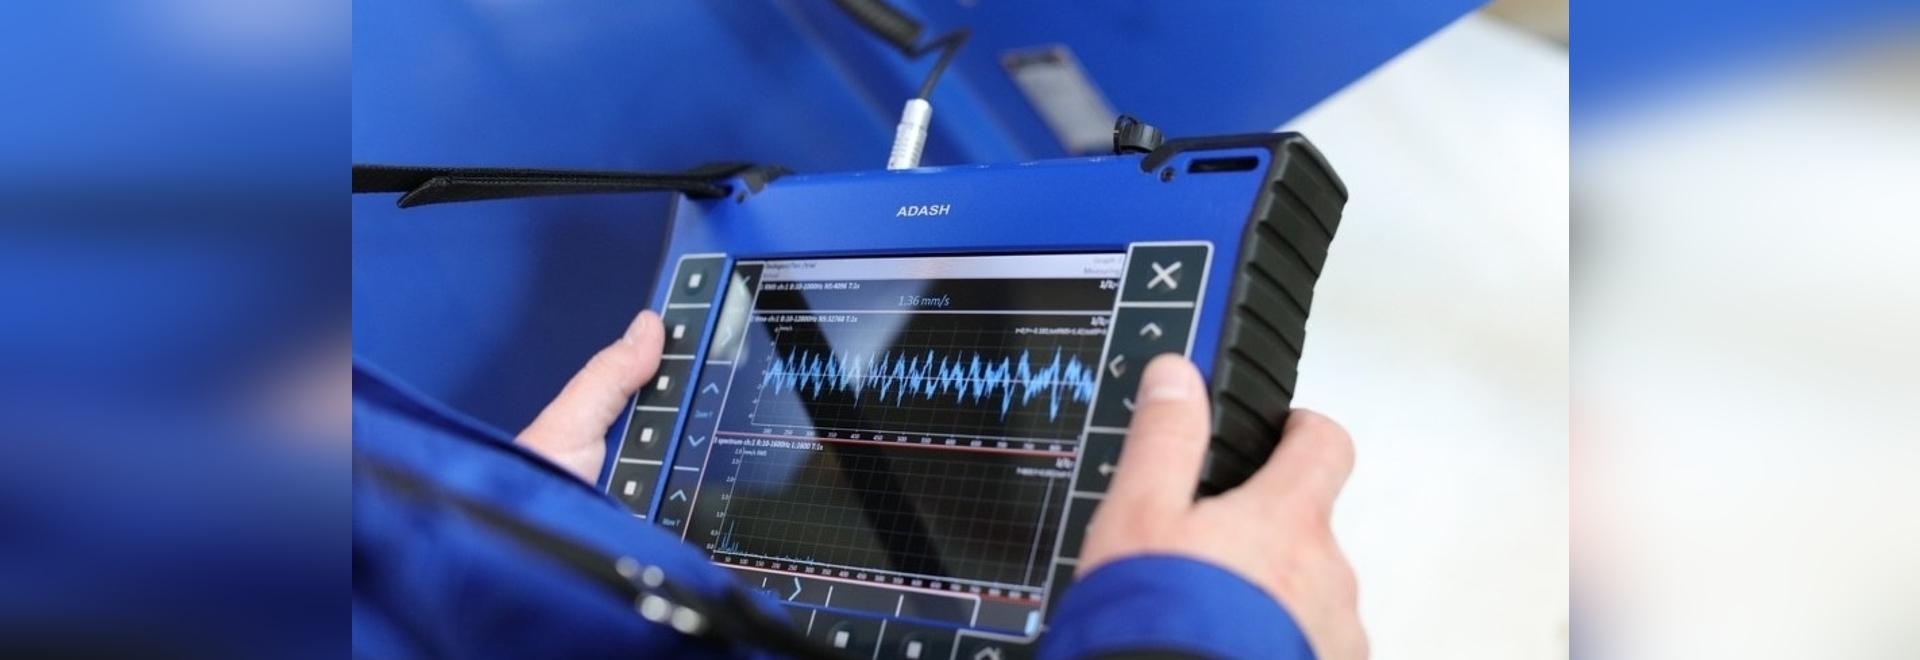 Analyse des vibrations, imagerie thermique et détection par ultrasons